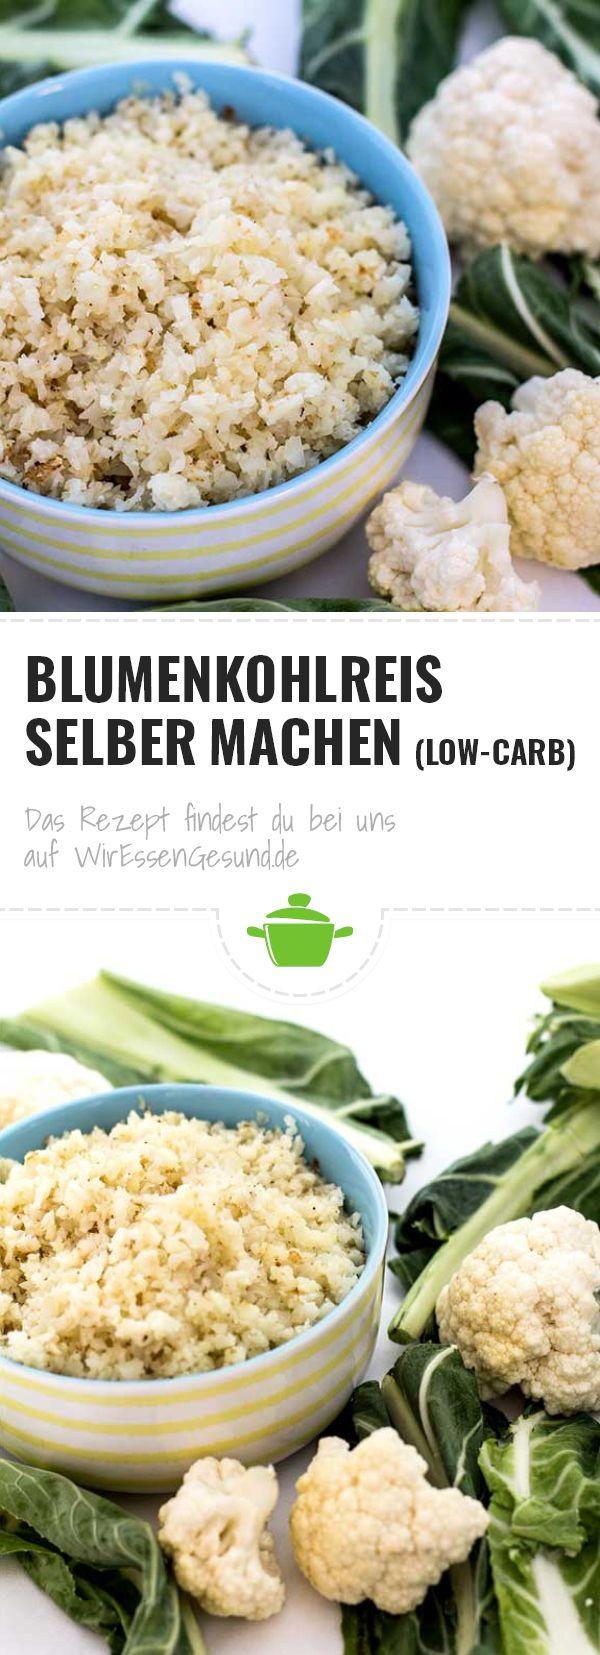 Blumenkohlreis (Low-Carb-Reis) selber machen - WirEssenGesund